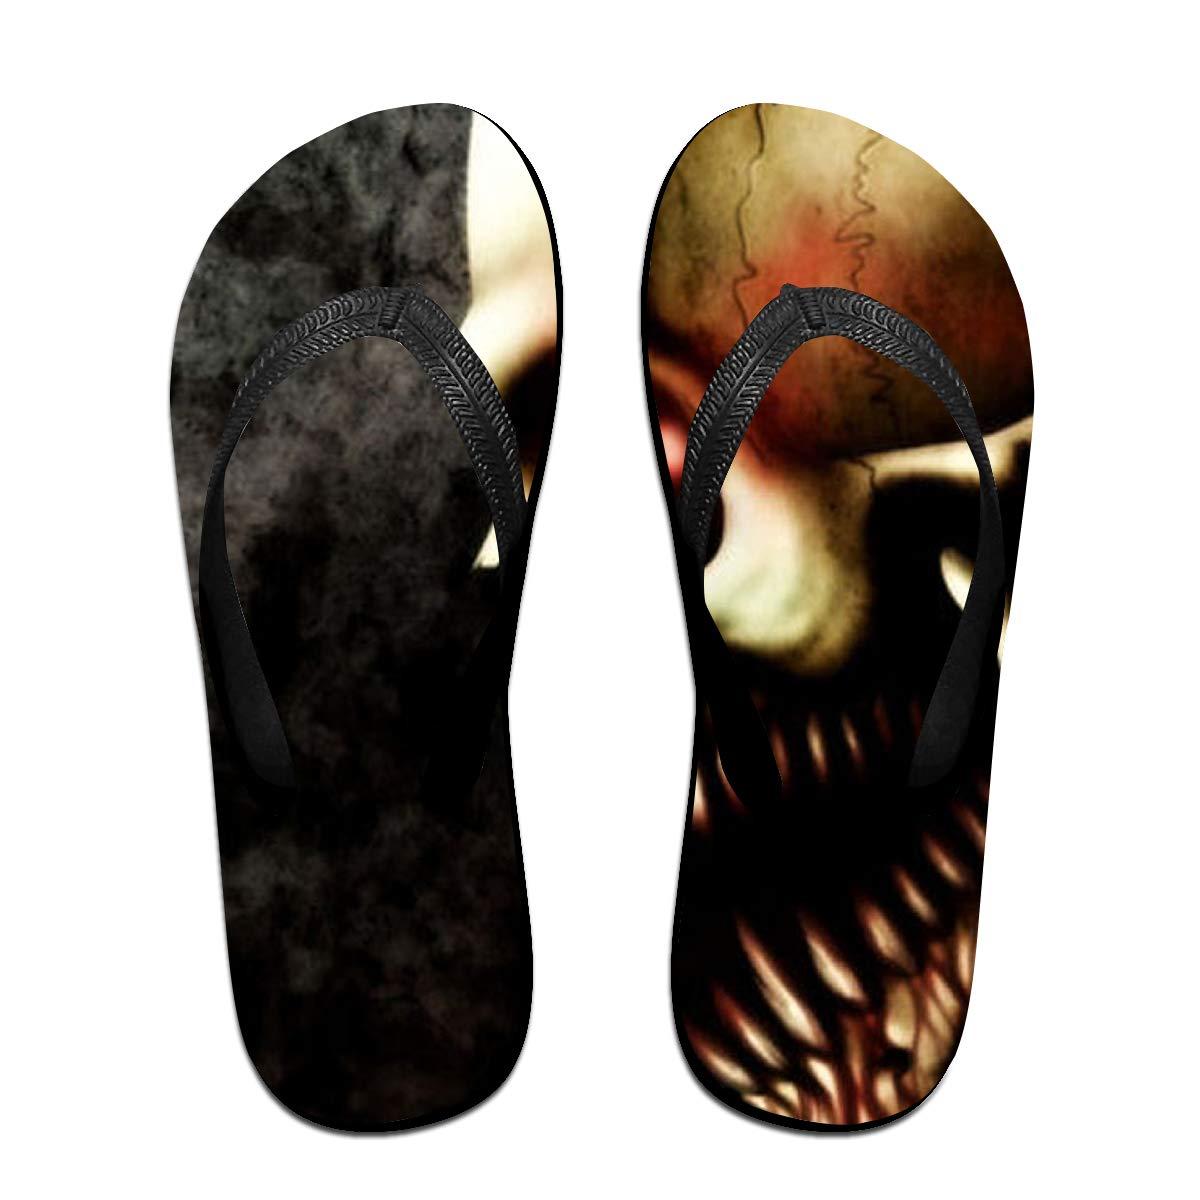 Couple Slipper Evil Skull Print Flip Flops Unisex Chic Sandals Rubber Non-Slip Beach Thong Slippers